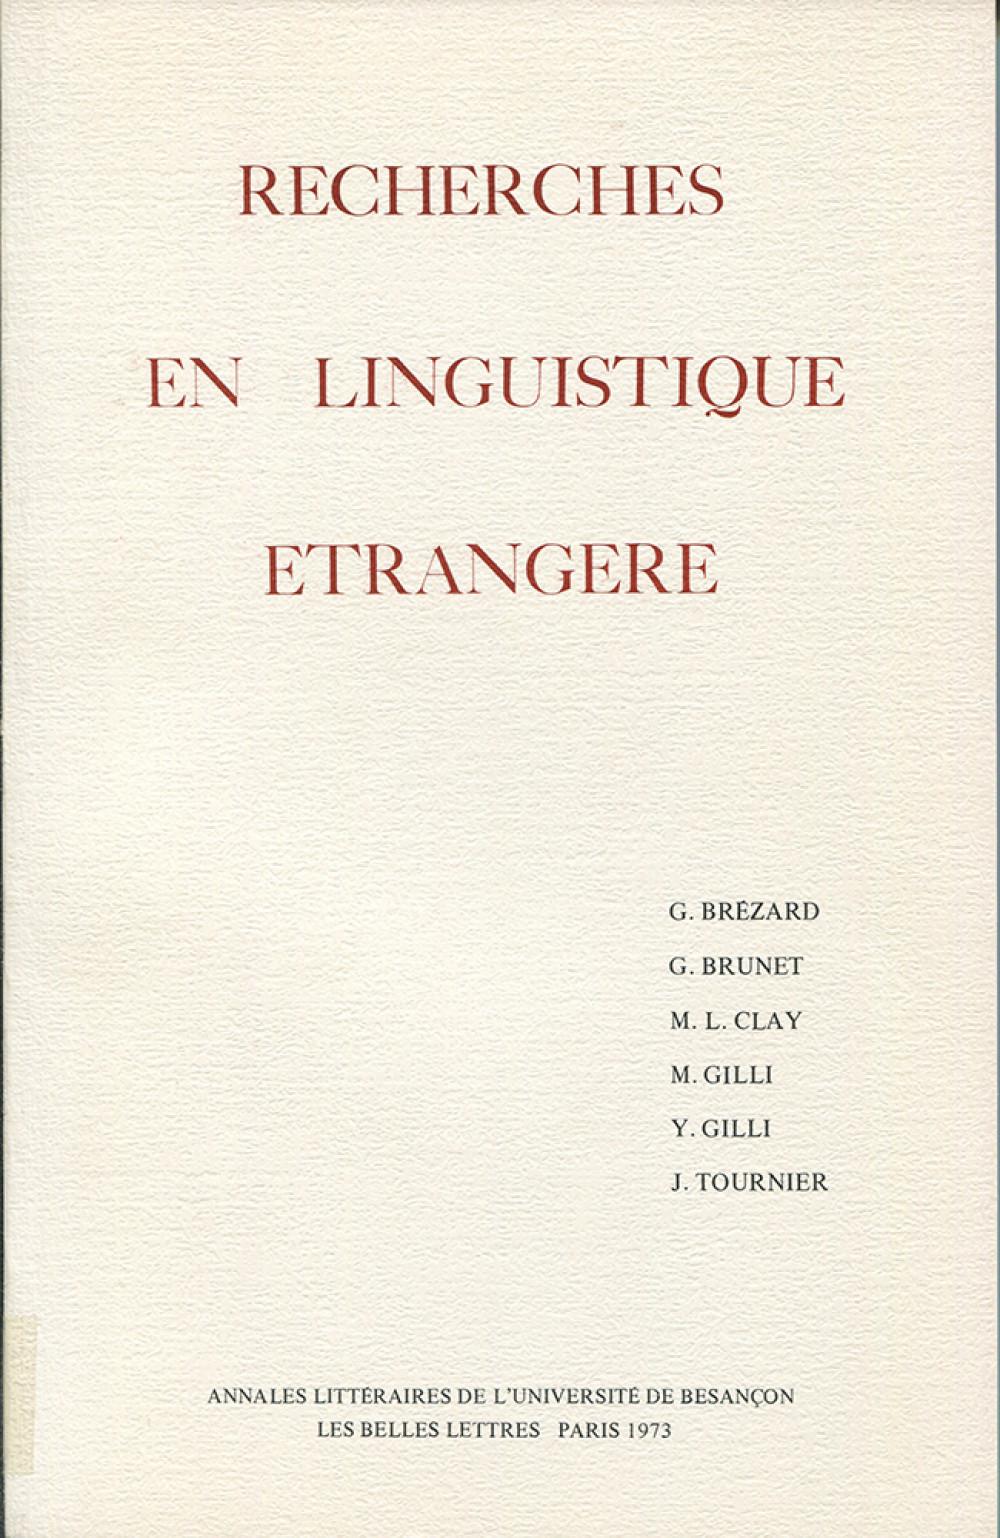 Recherches en linguistique étrangère I